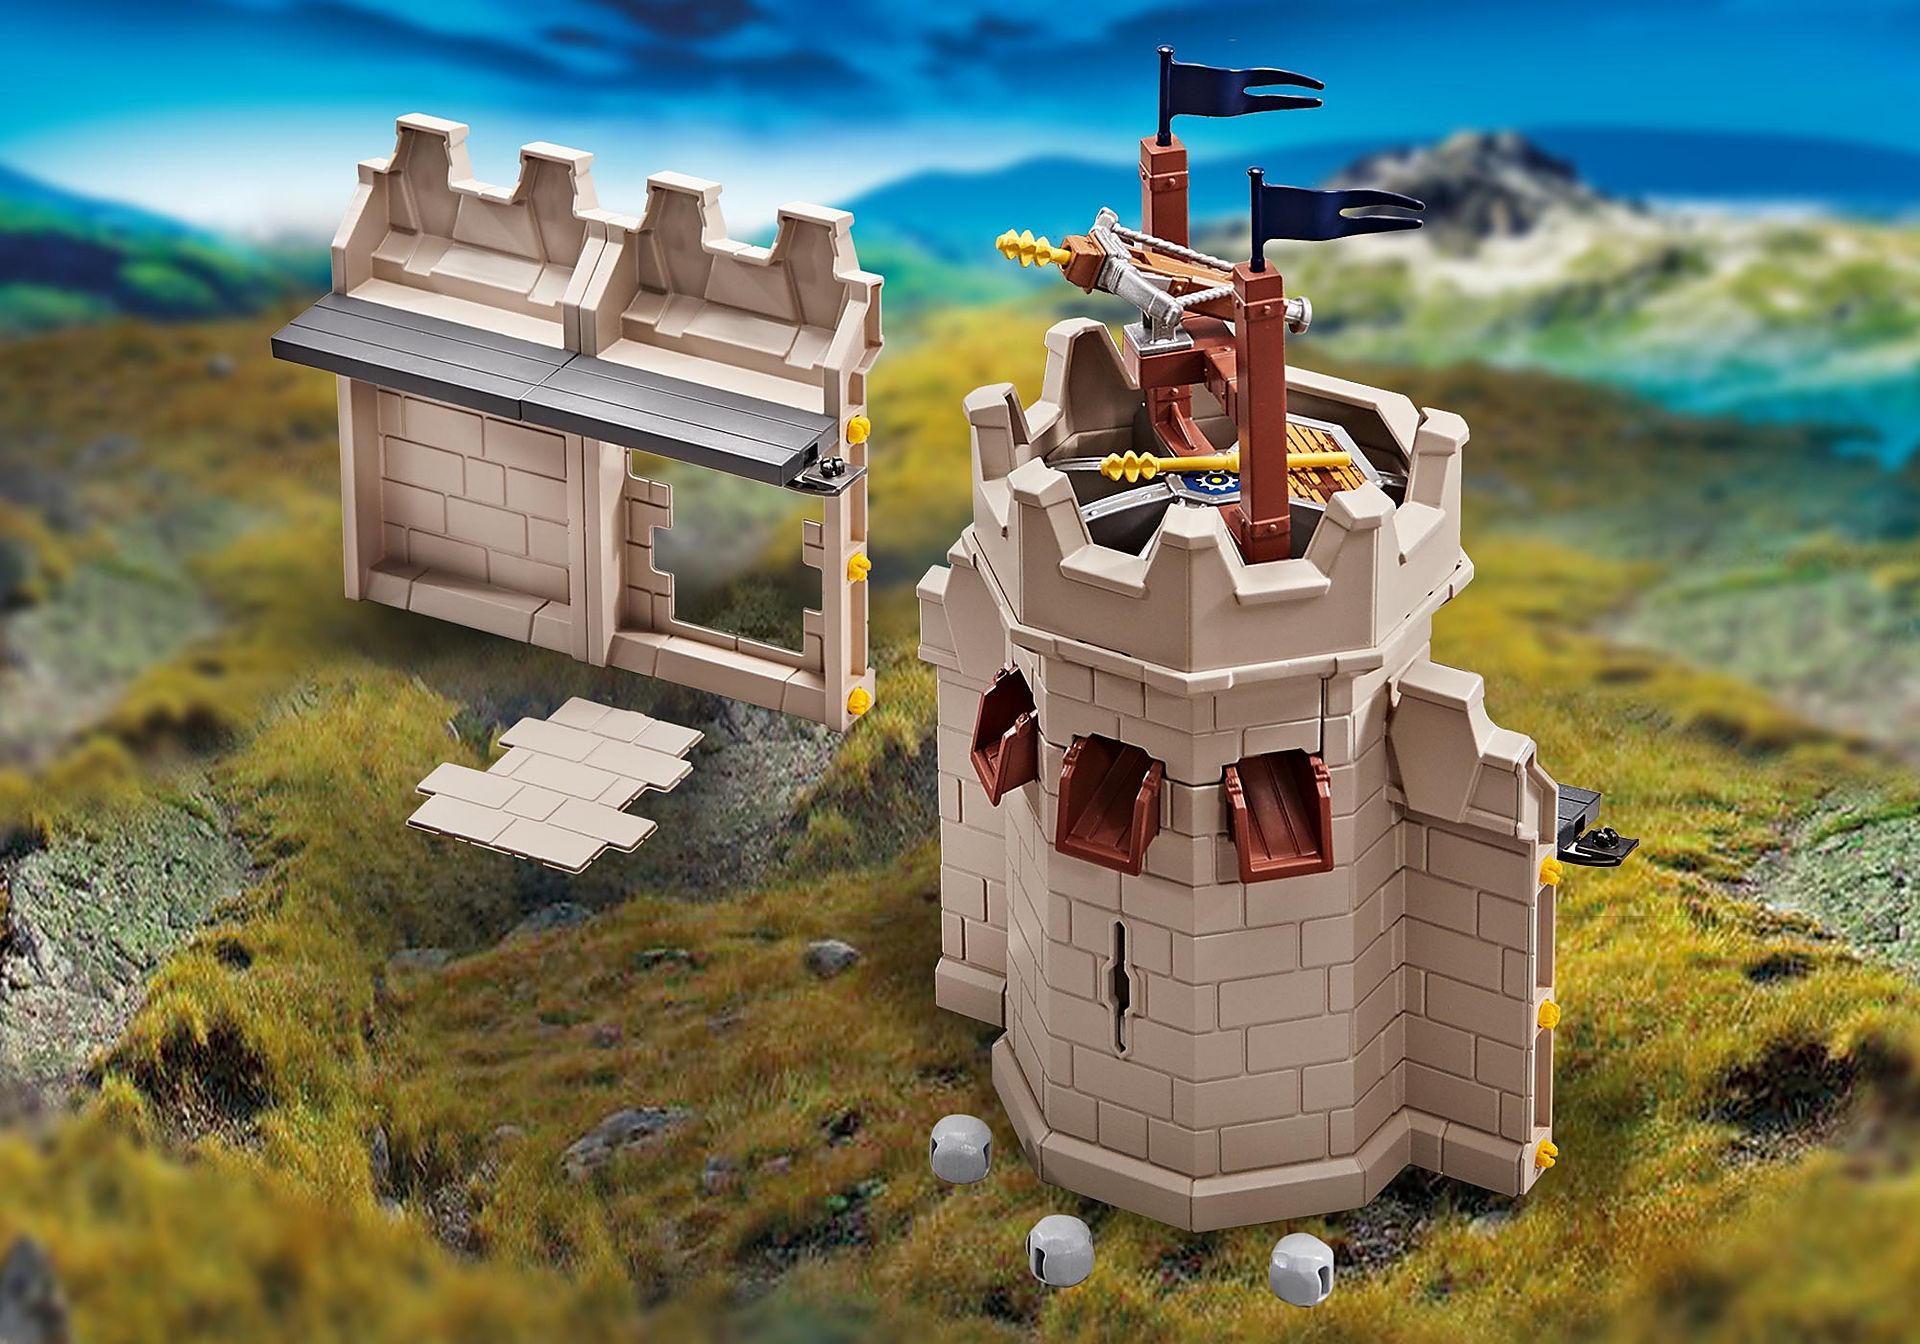 9840 Rozbudowa wieży oraz muru twierdzy rycerzy Novelmore z katapultą zoom image1